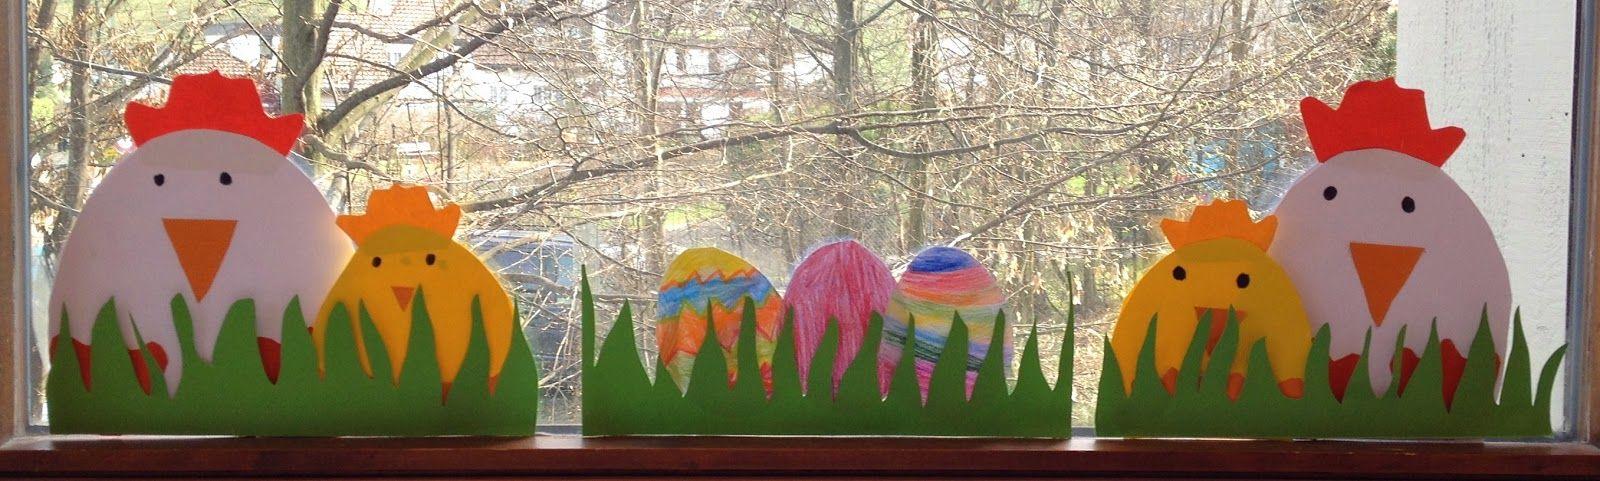 klassenkunst fensterbild ostern easter crafts for kids easter crafts crafts